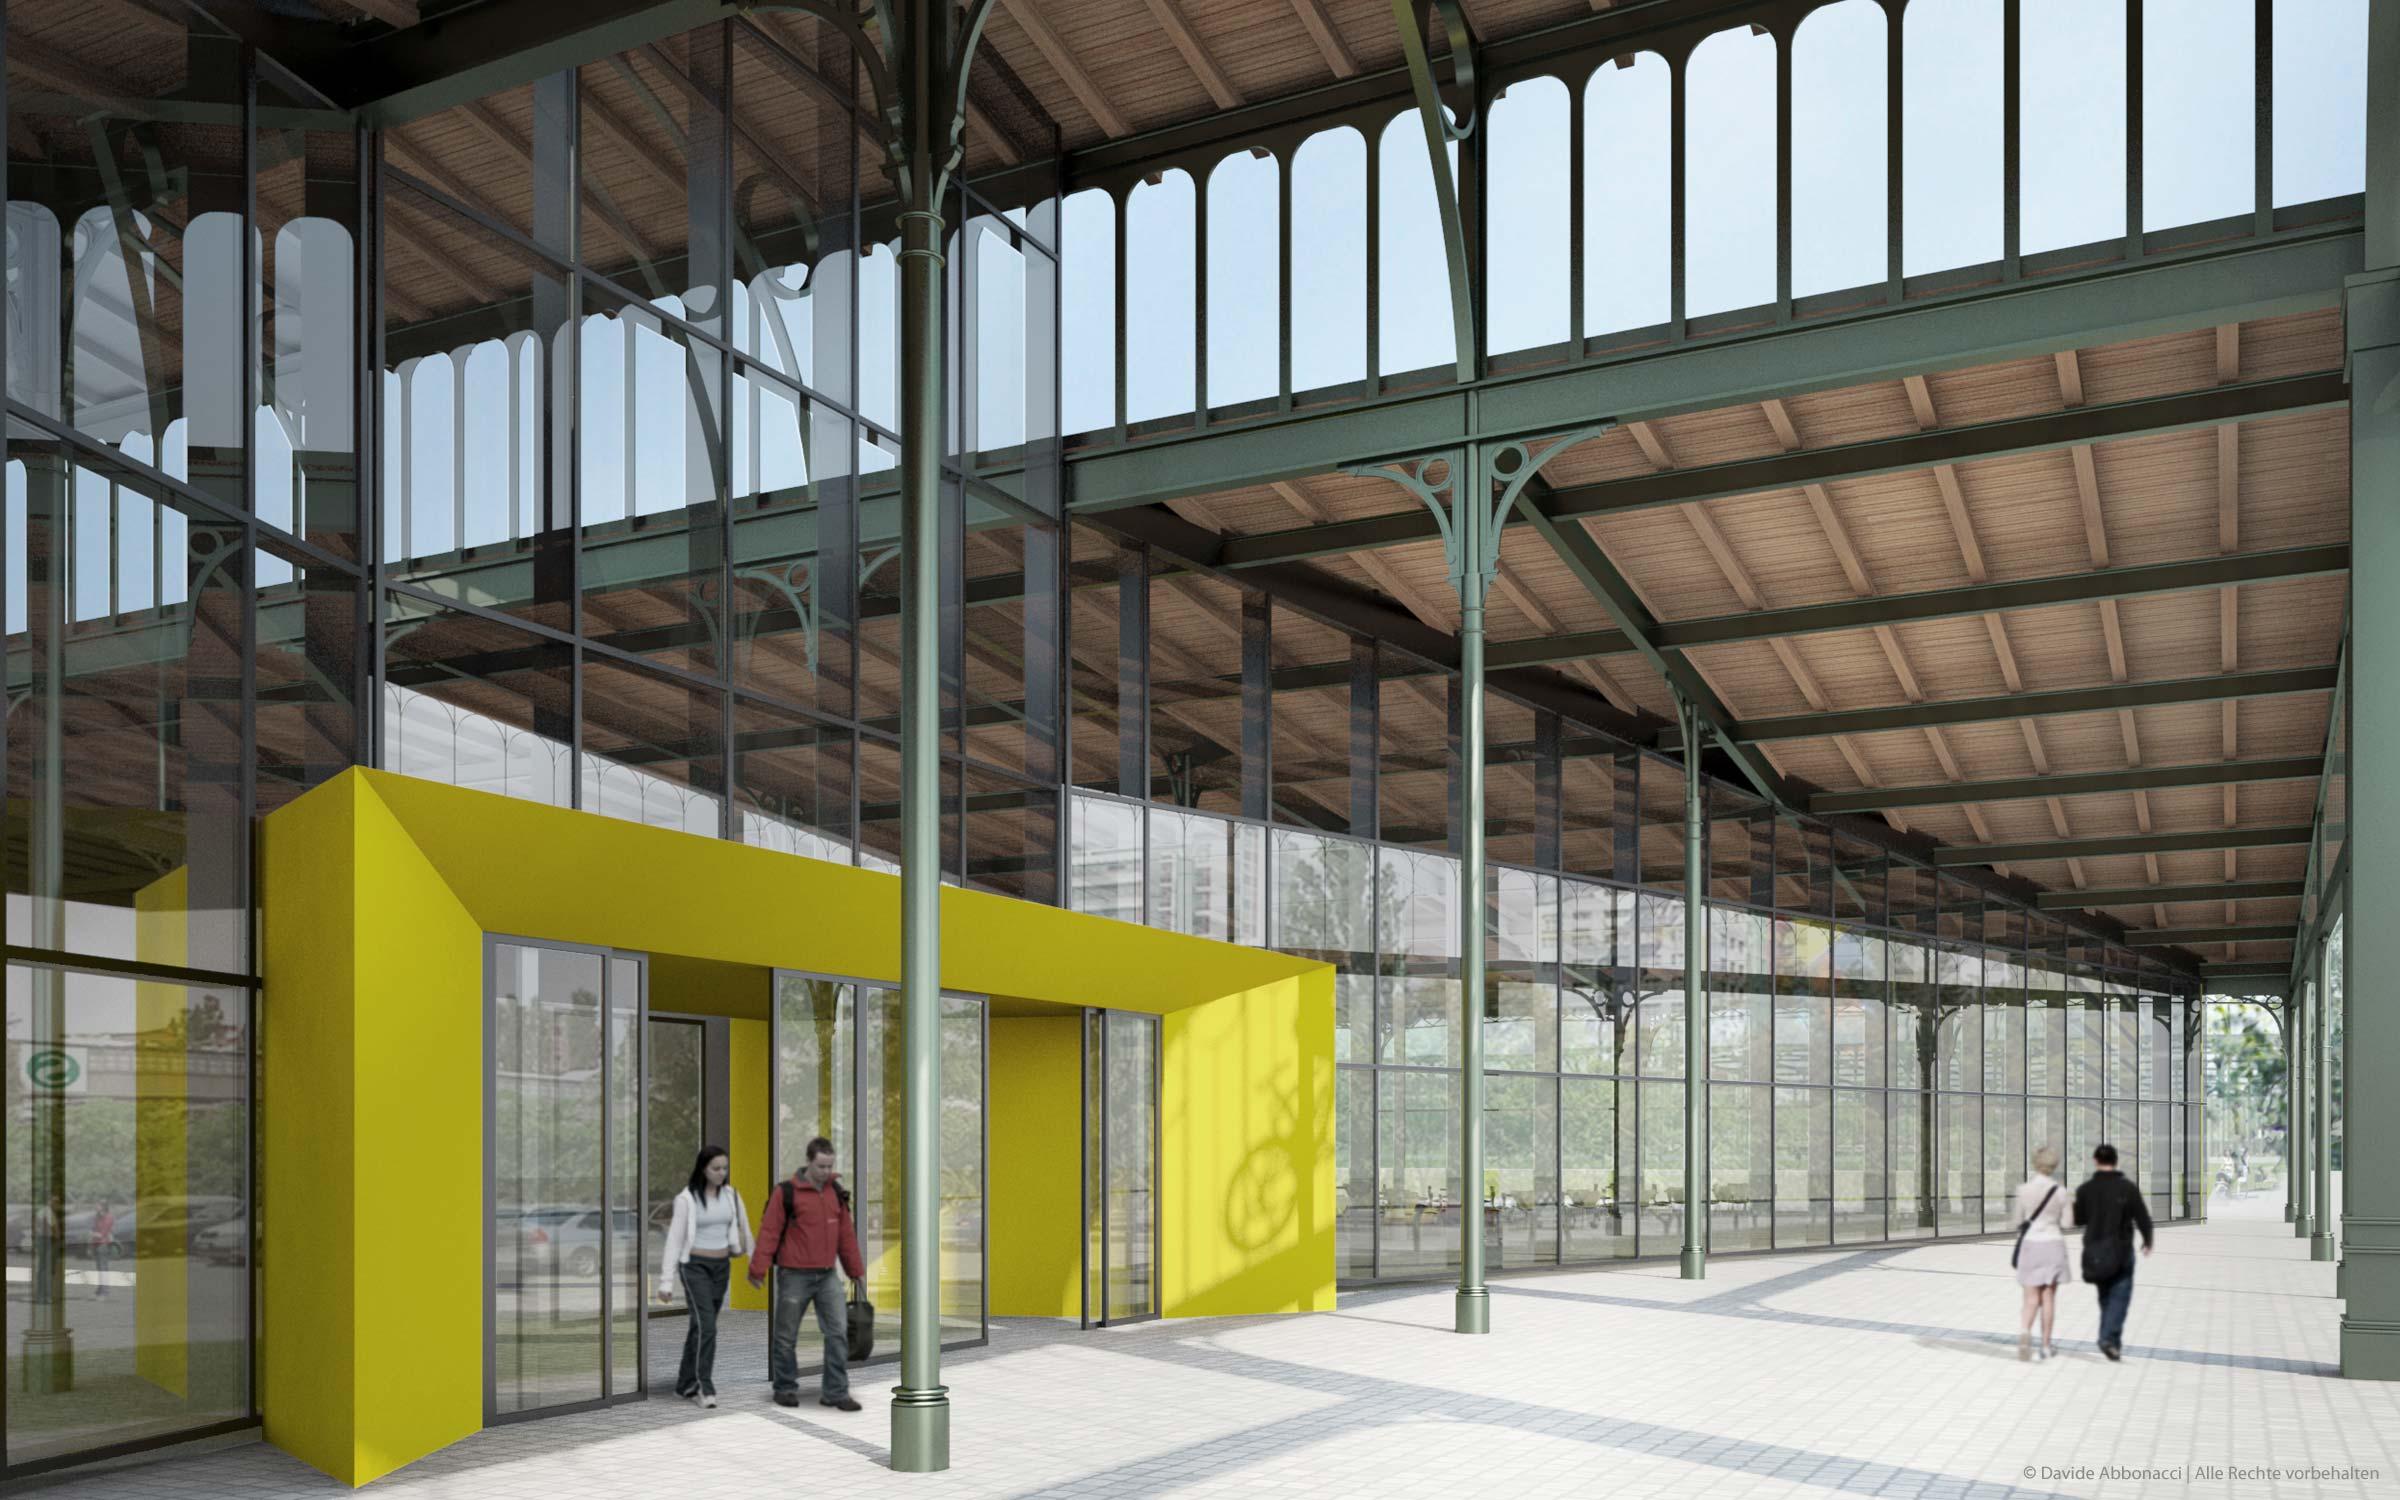 Umbau ehemalige Rinderauktionshalle, Berlin - Prenzlauer Berg | Gnädinger Architekten | 2009 Fassadenstudie und Baudetails